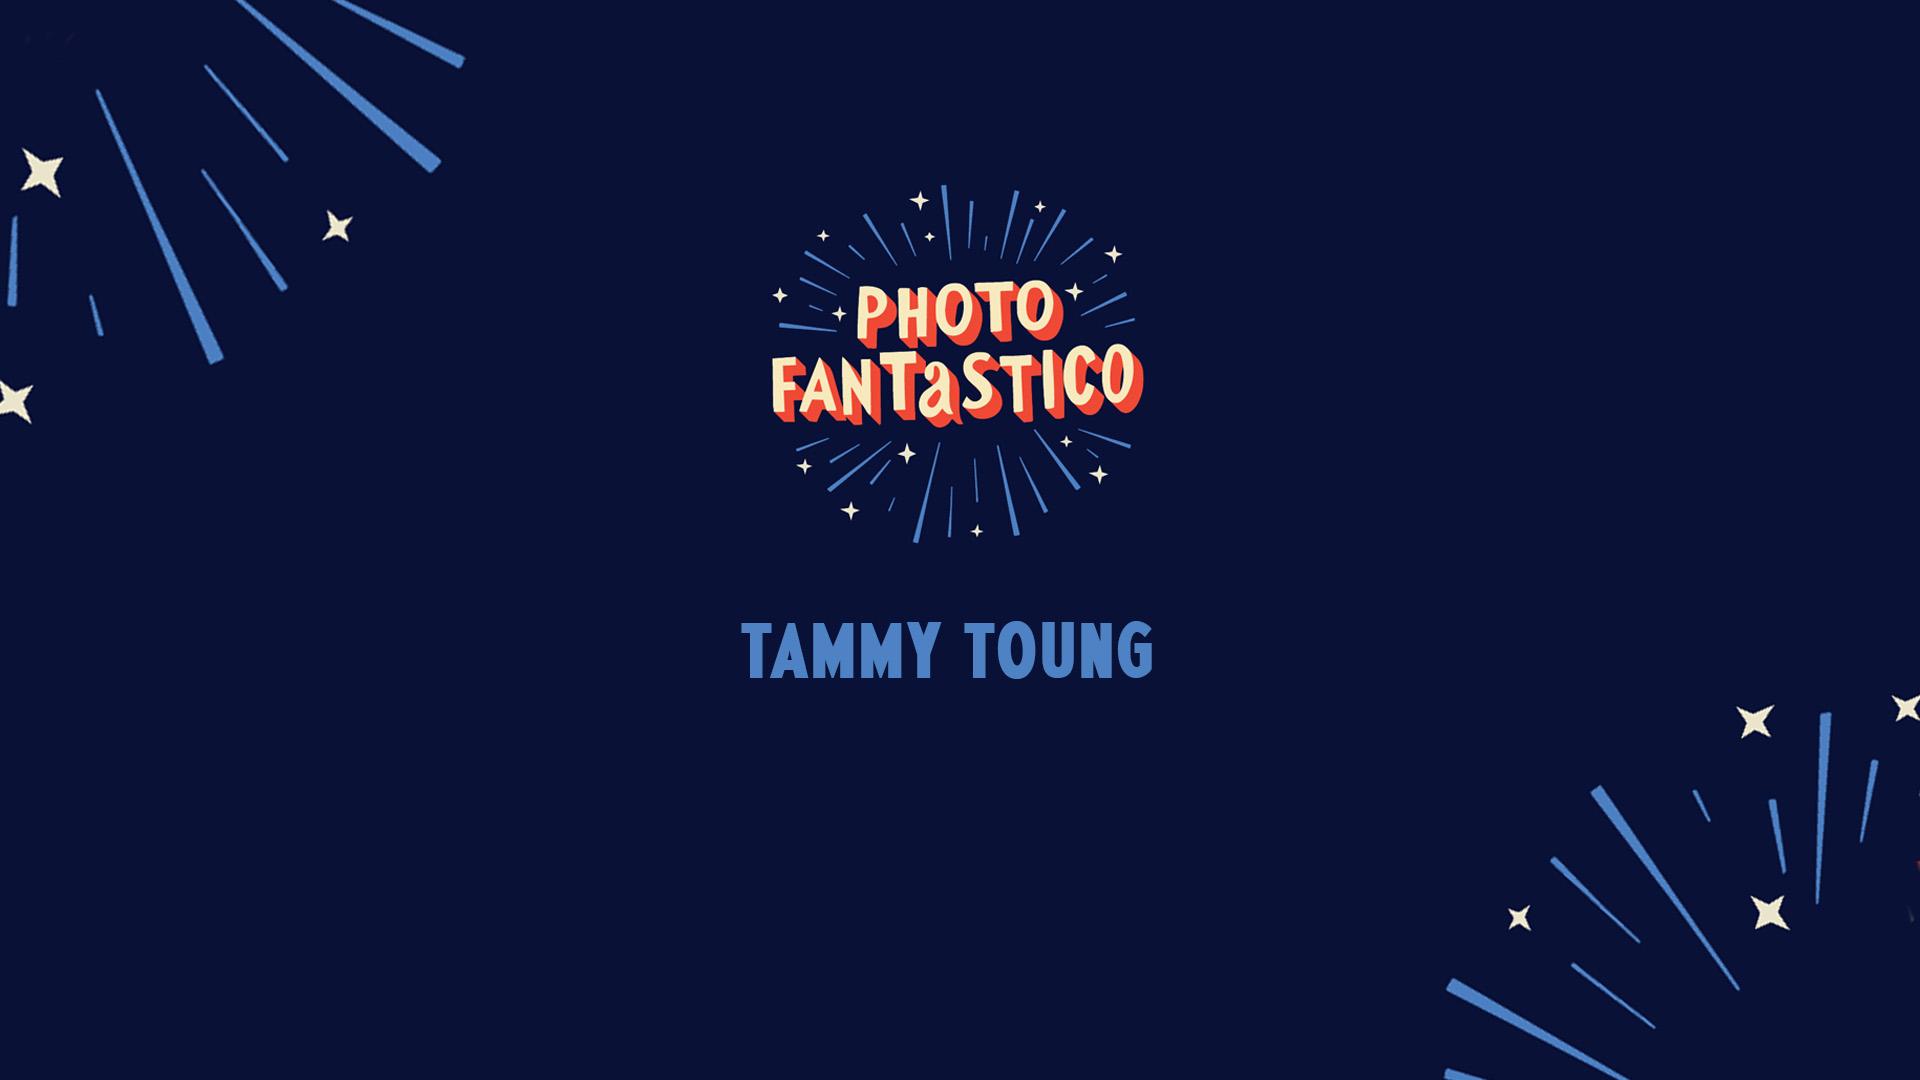 Tammy Toung